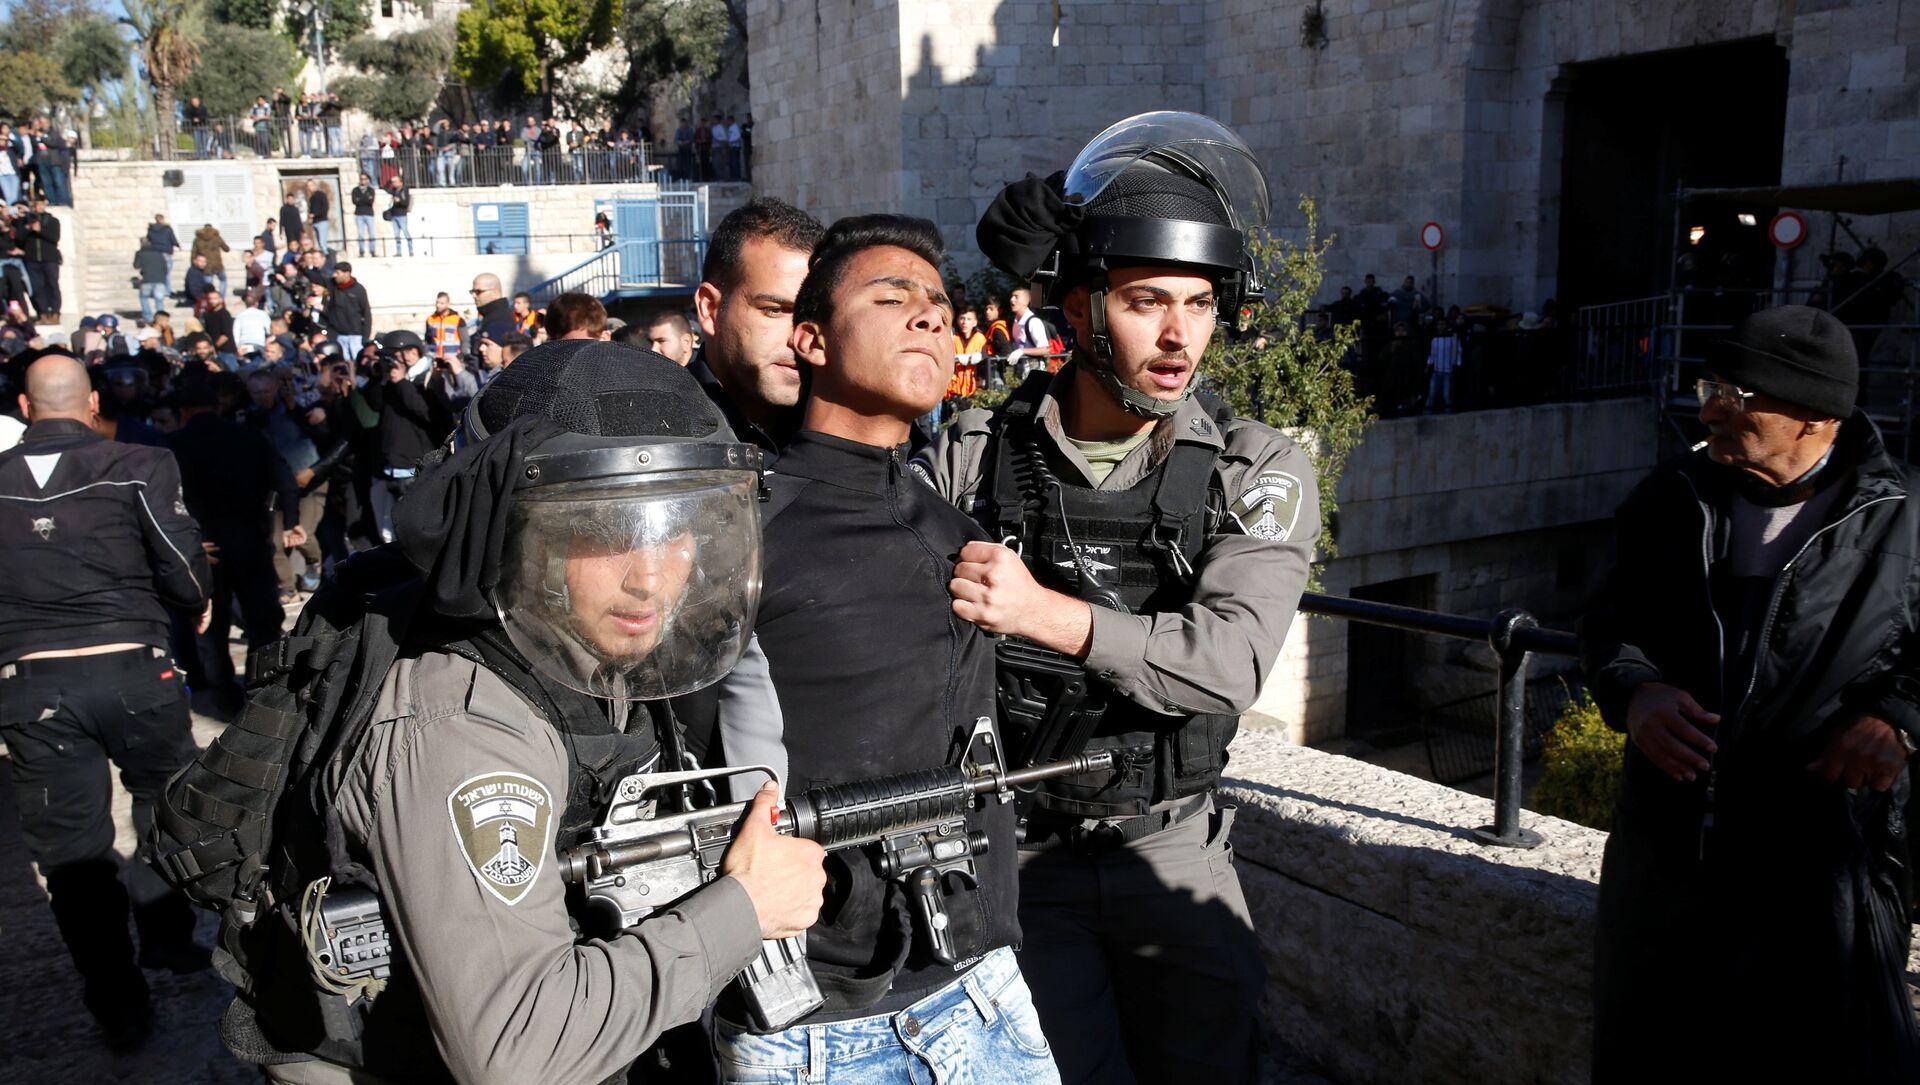 İsrail polisi, Kudüs'te gözaltılara başladı. - Sputnik Türkiye, 1920, 20.04.2021